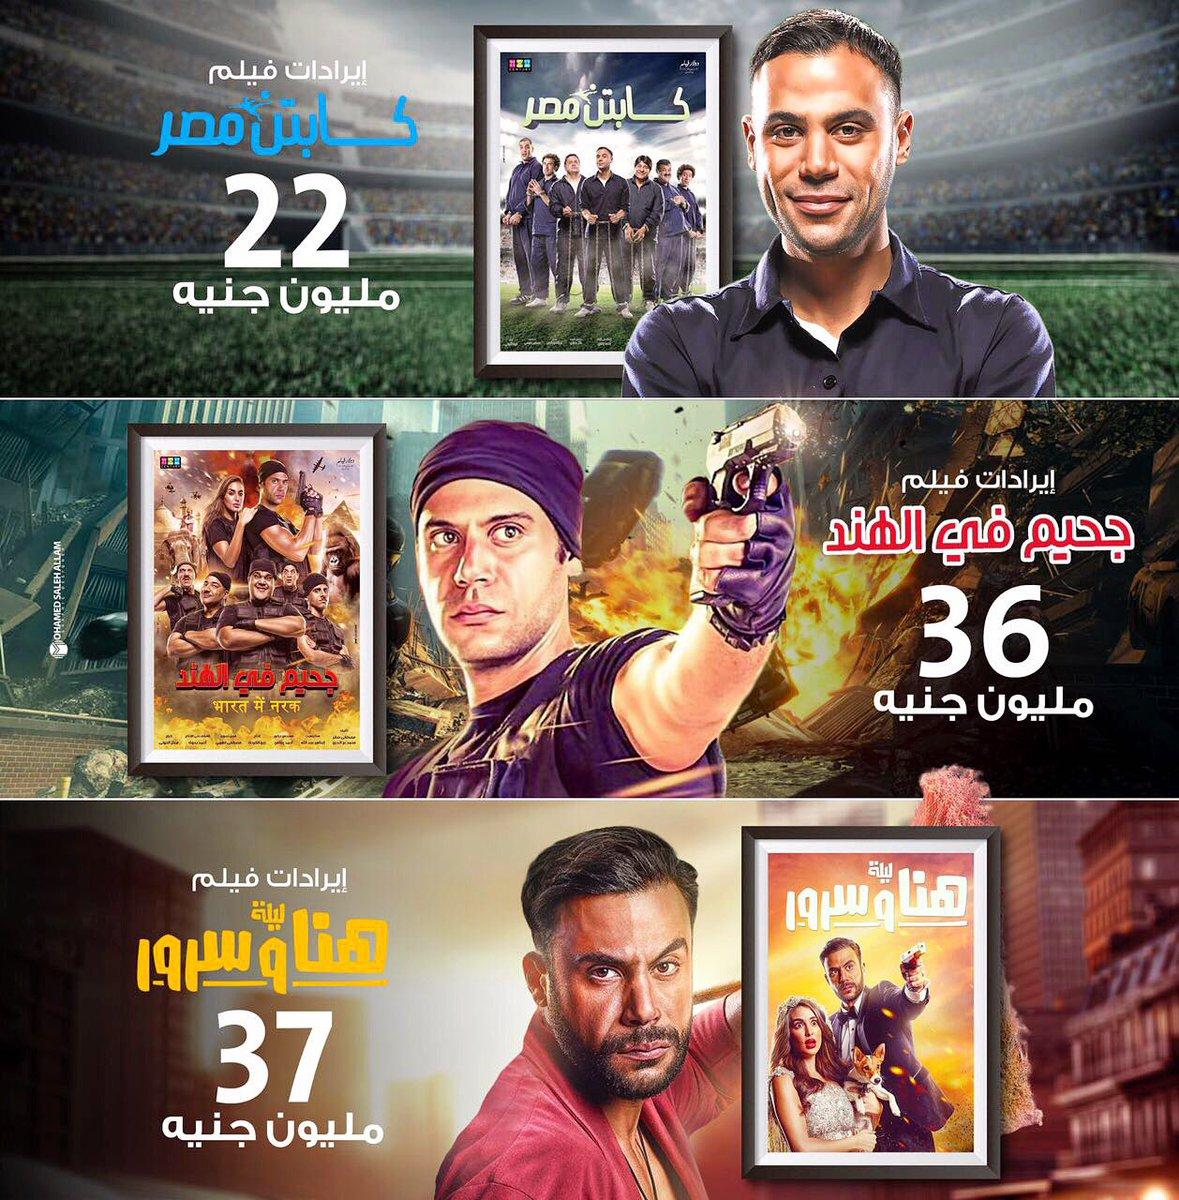 أفلام محمد إمام الاخيرة